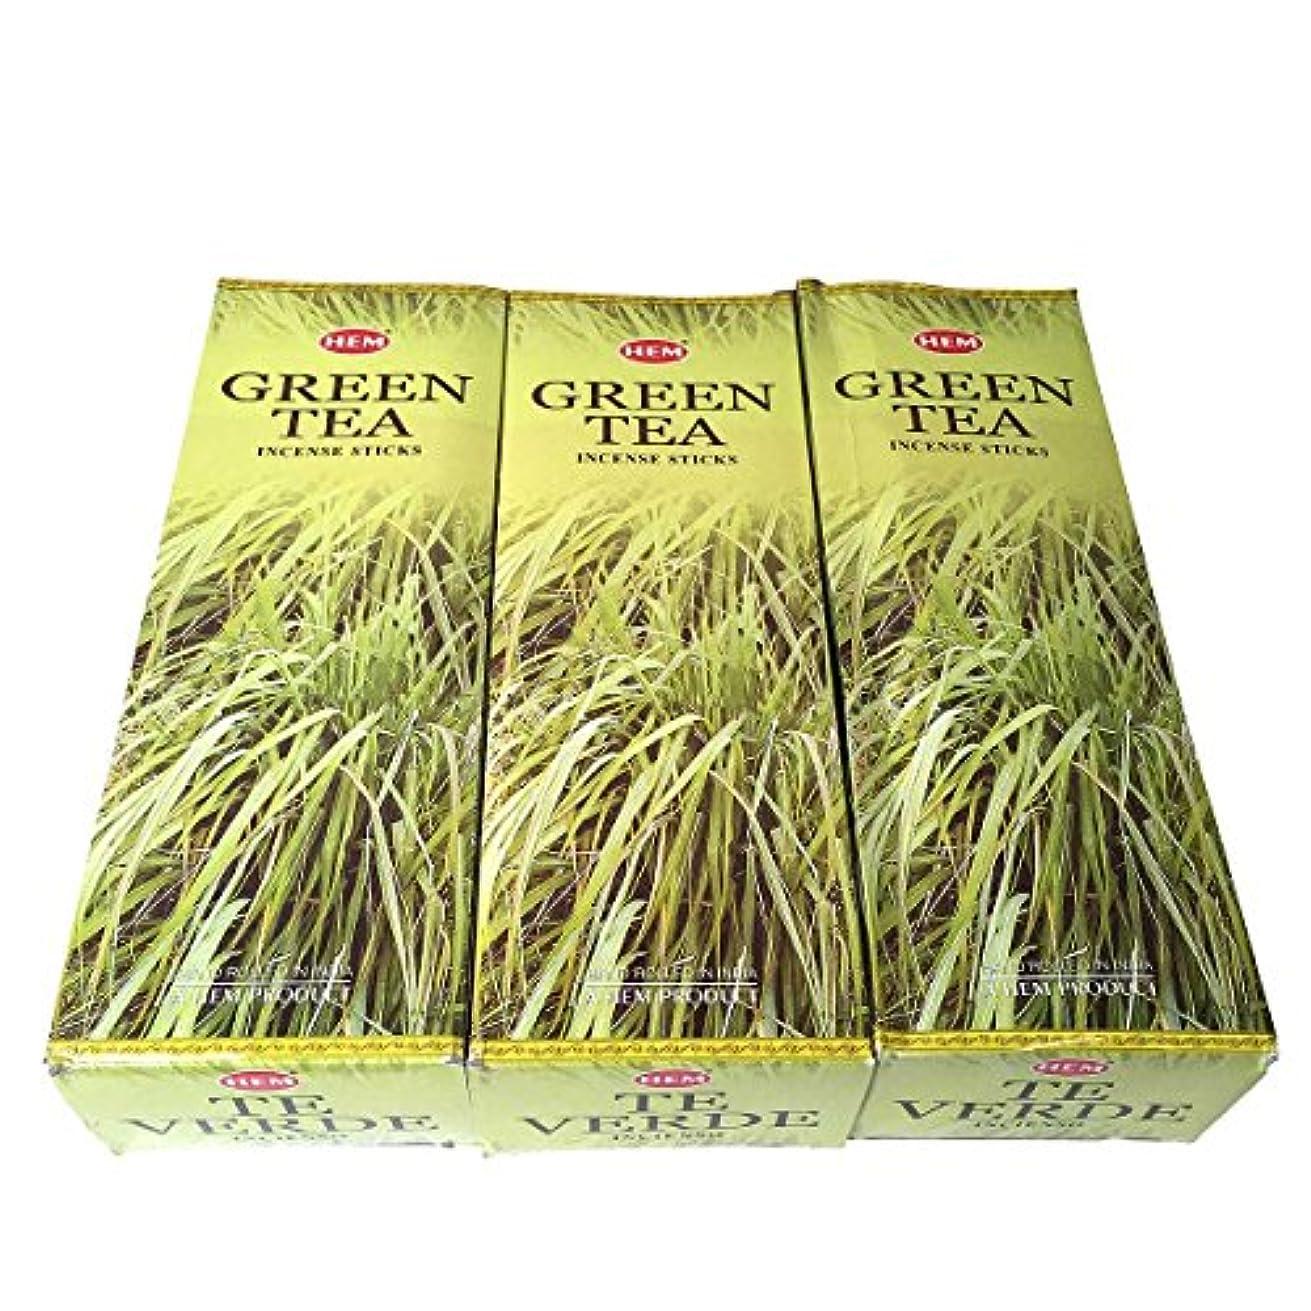 包帯変換美しいグリーンティー香スティック 3BOX(18箱) /HEM Green Tea/インセンス/インド香 お香 [並行輸入品]